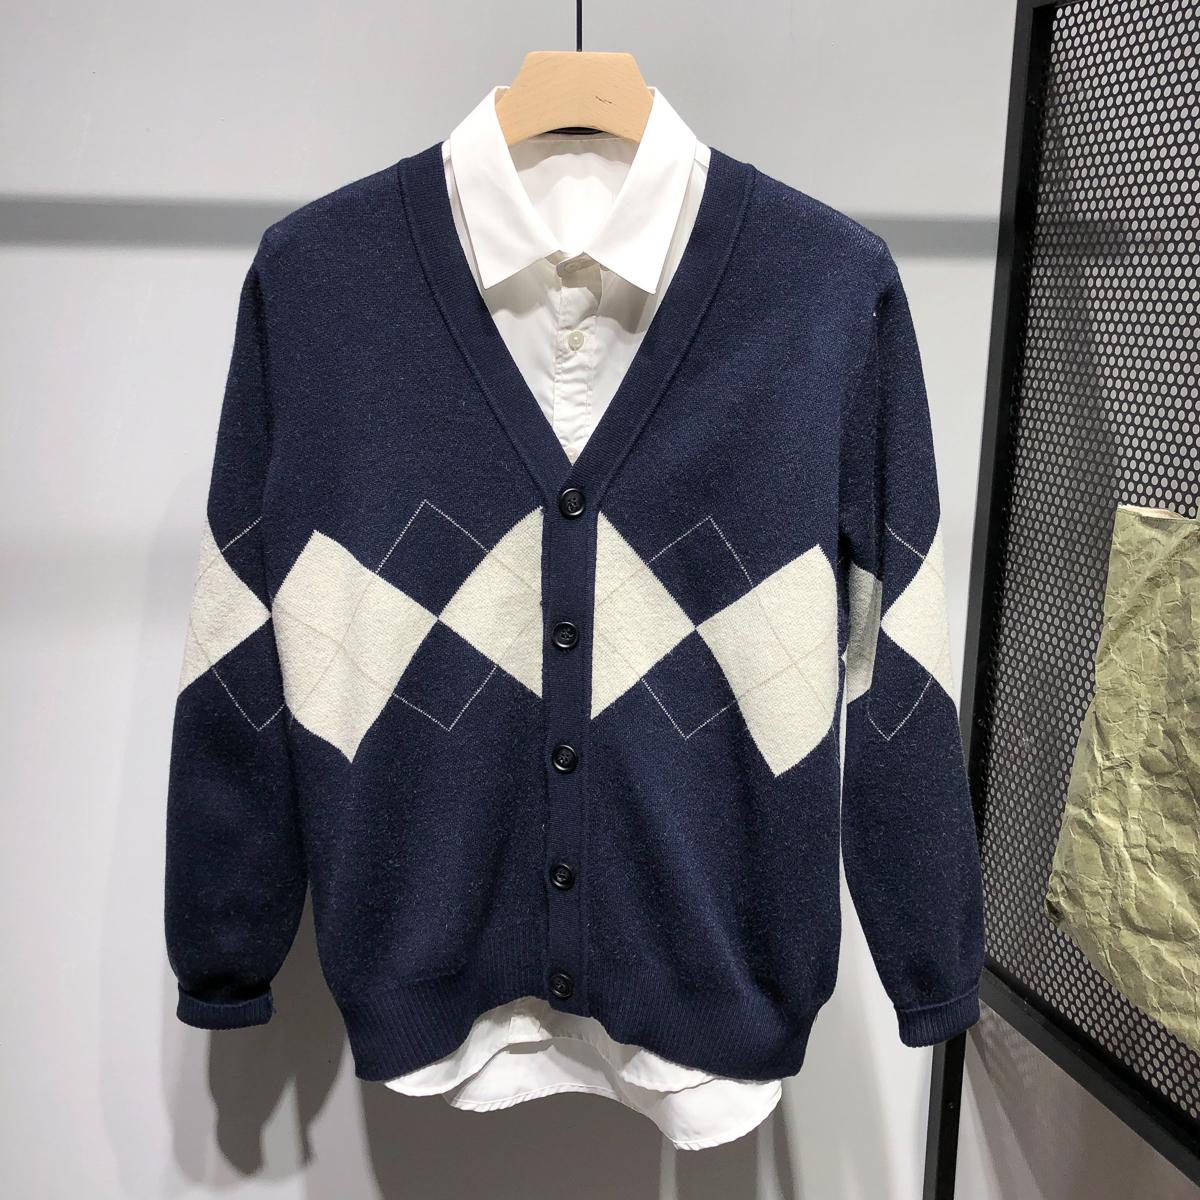 几何图形针织开衫男士修身纽扣开衫潮秋冬针织毛衣外套个性设计图片